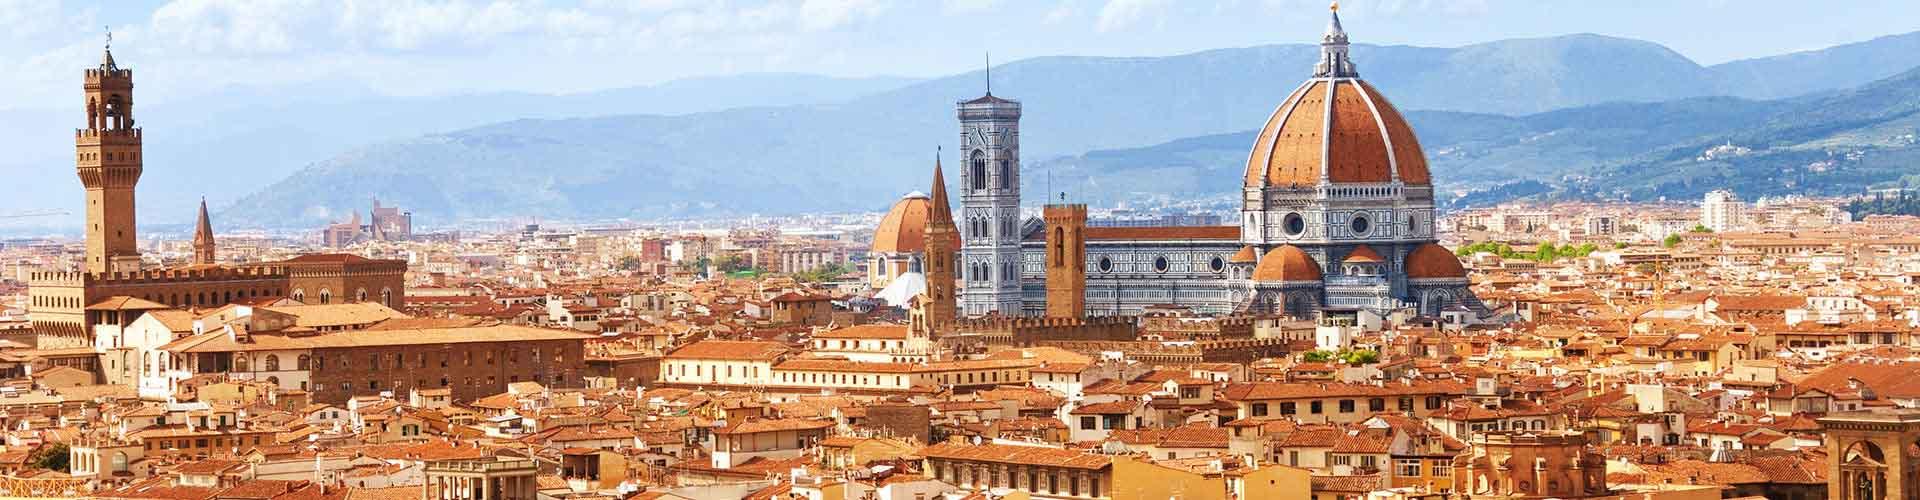 피렌체 - Coverciano지역에 위치한 호스텔. 피렌체의 지도, 피렌체에 위치한 호스텔에 대한 사진 및 리뷰.